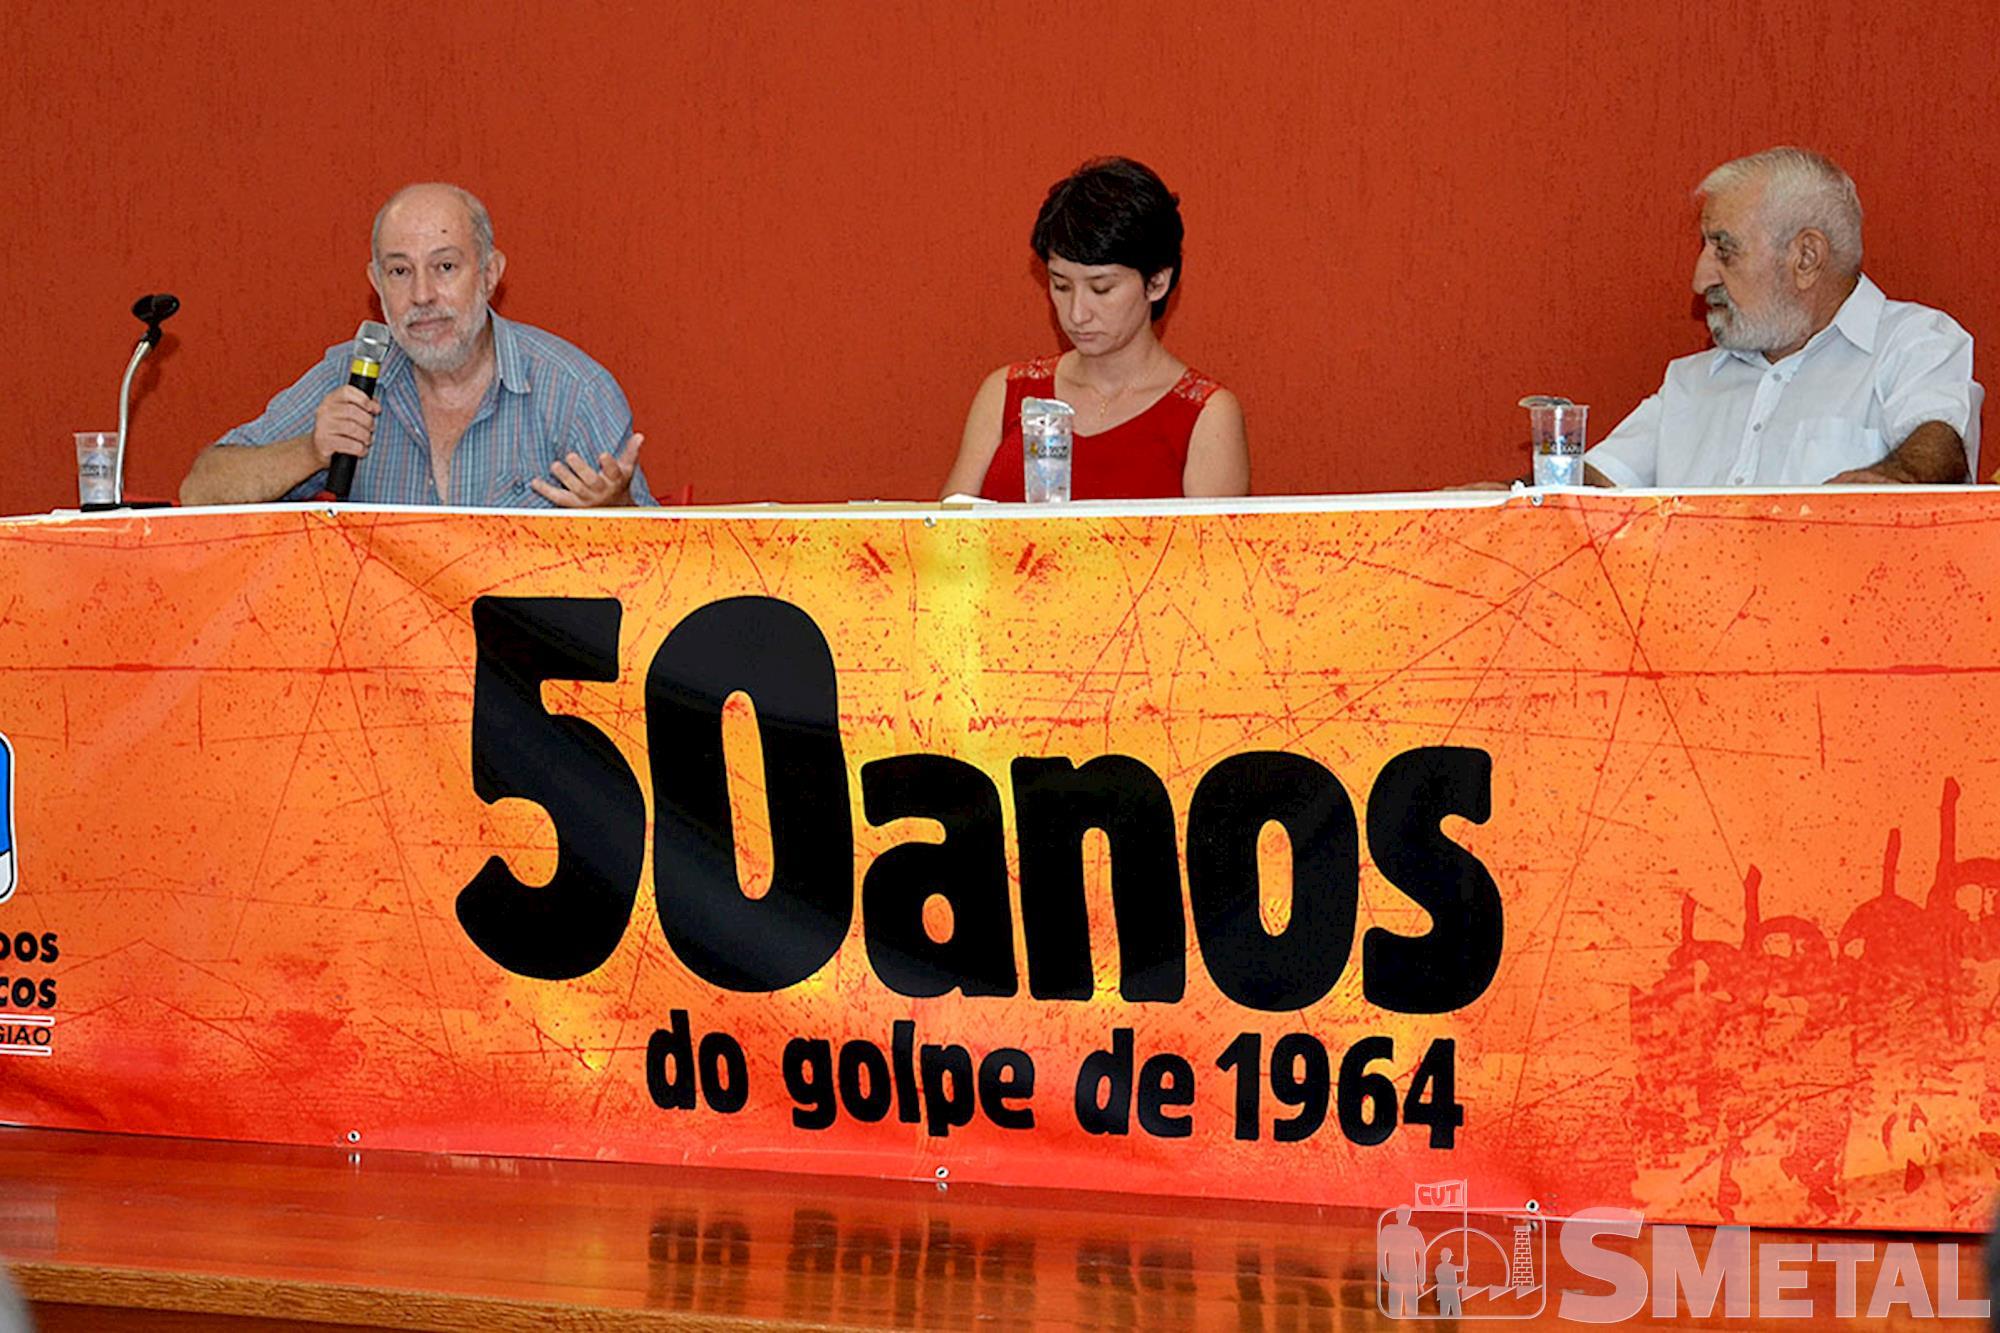 Debate: 50 anos do golpe de 1964